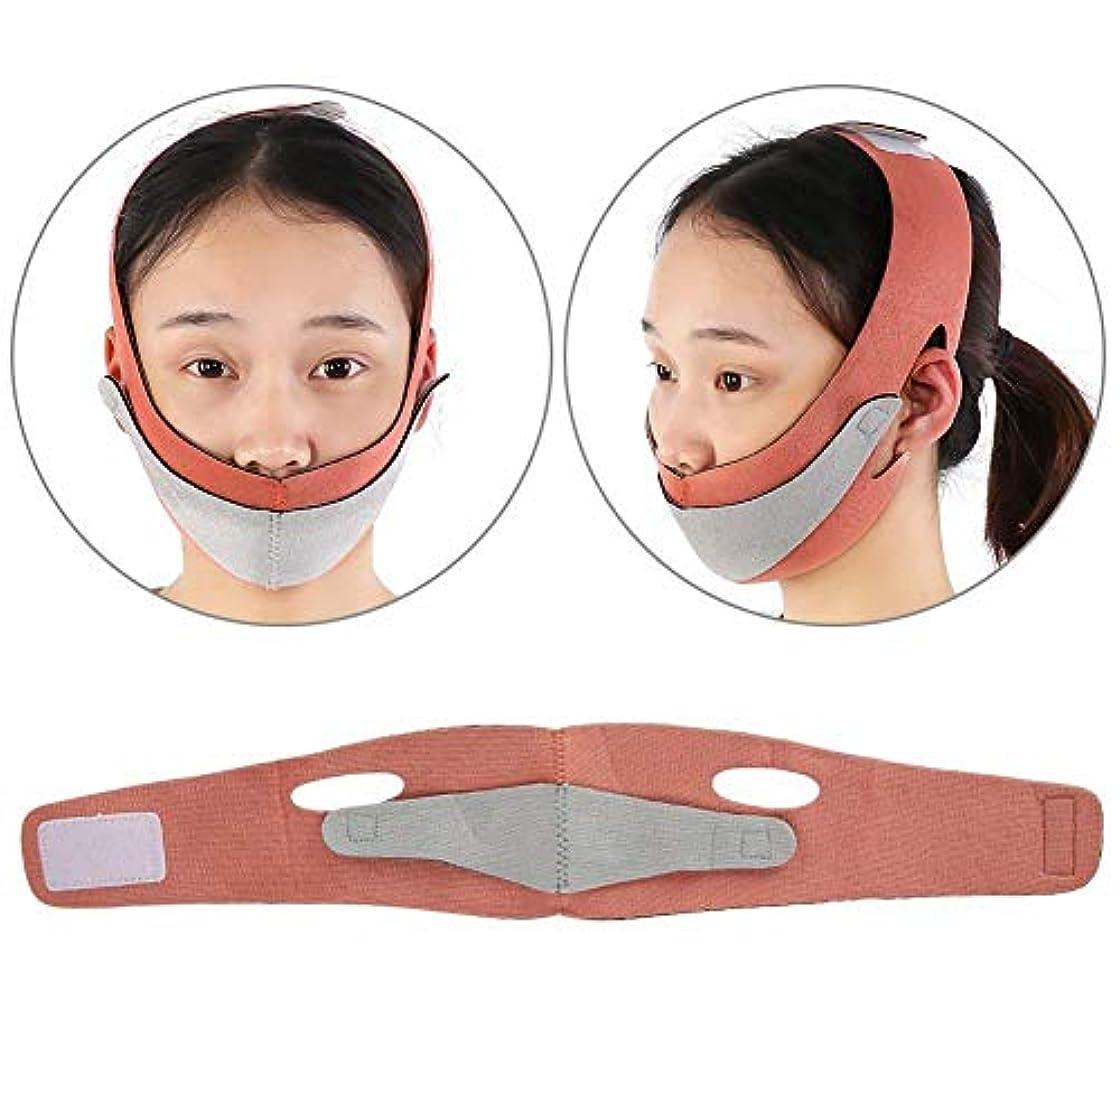 制約比較リファイン顔の輪郭を改善し、二重あご、脂肪蓄積、筋肉弛緩を効果的に改善するためのVフェイス美容包帯(02)